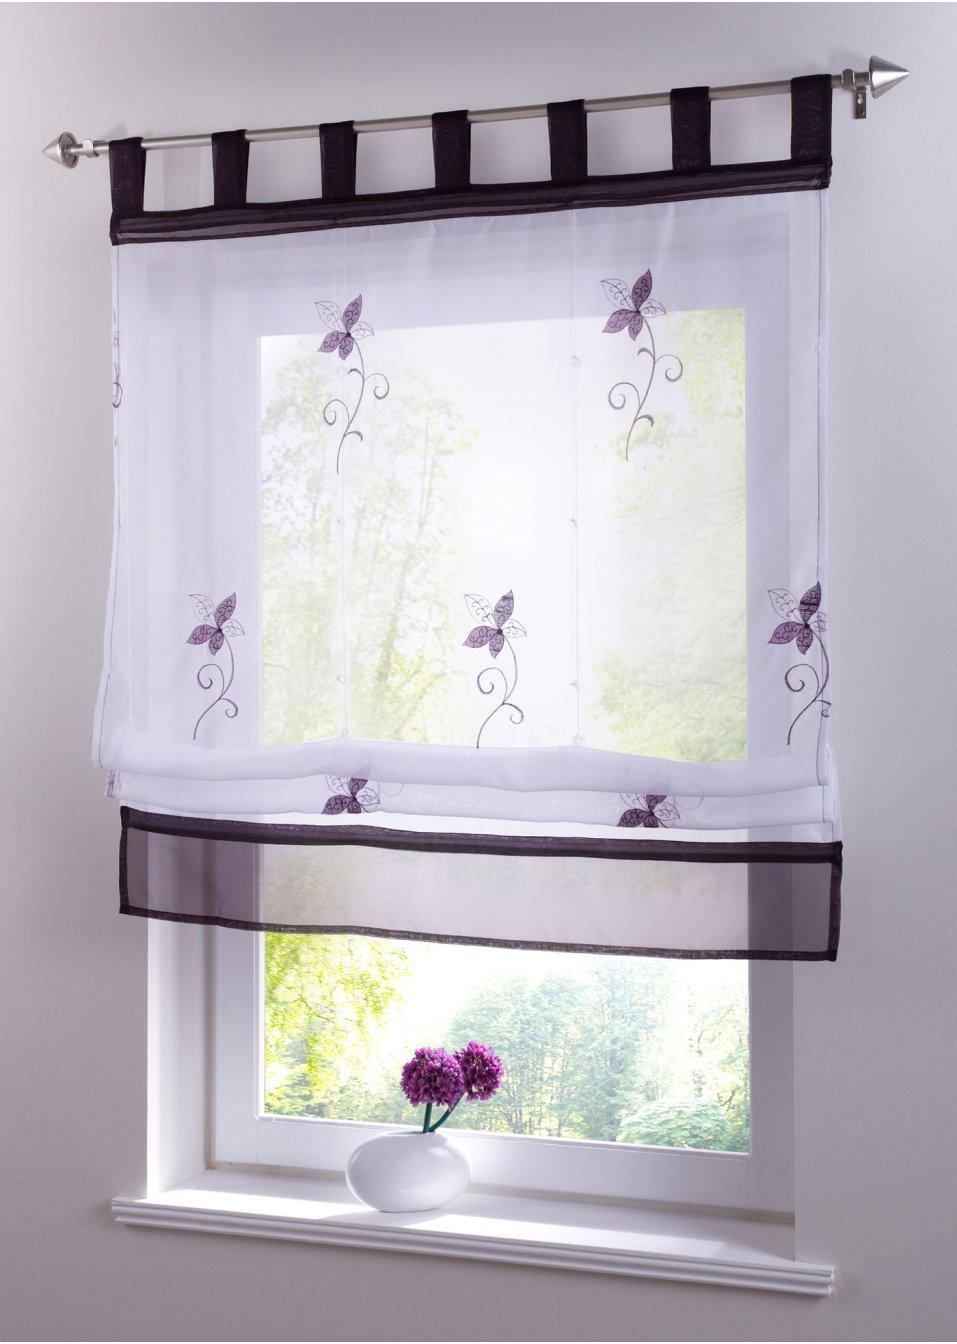 mit dem raffrollo maja erhalten sie einen traumhaften ausblick lila schlaufen. Black Bedroom Furniture Sets. Home Design Ideas